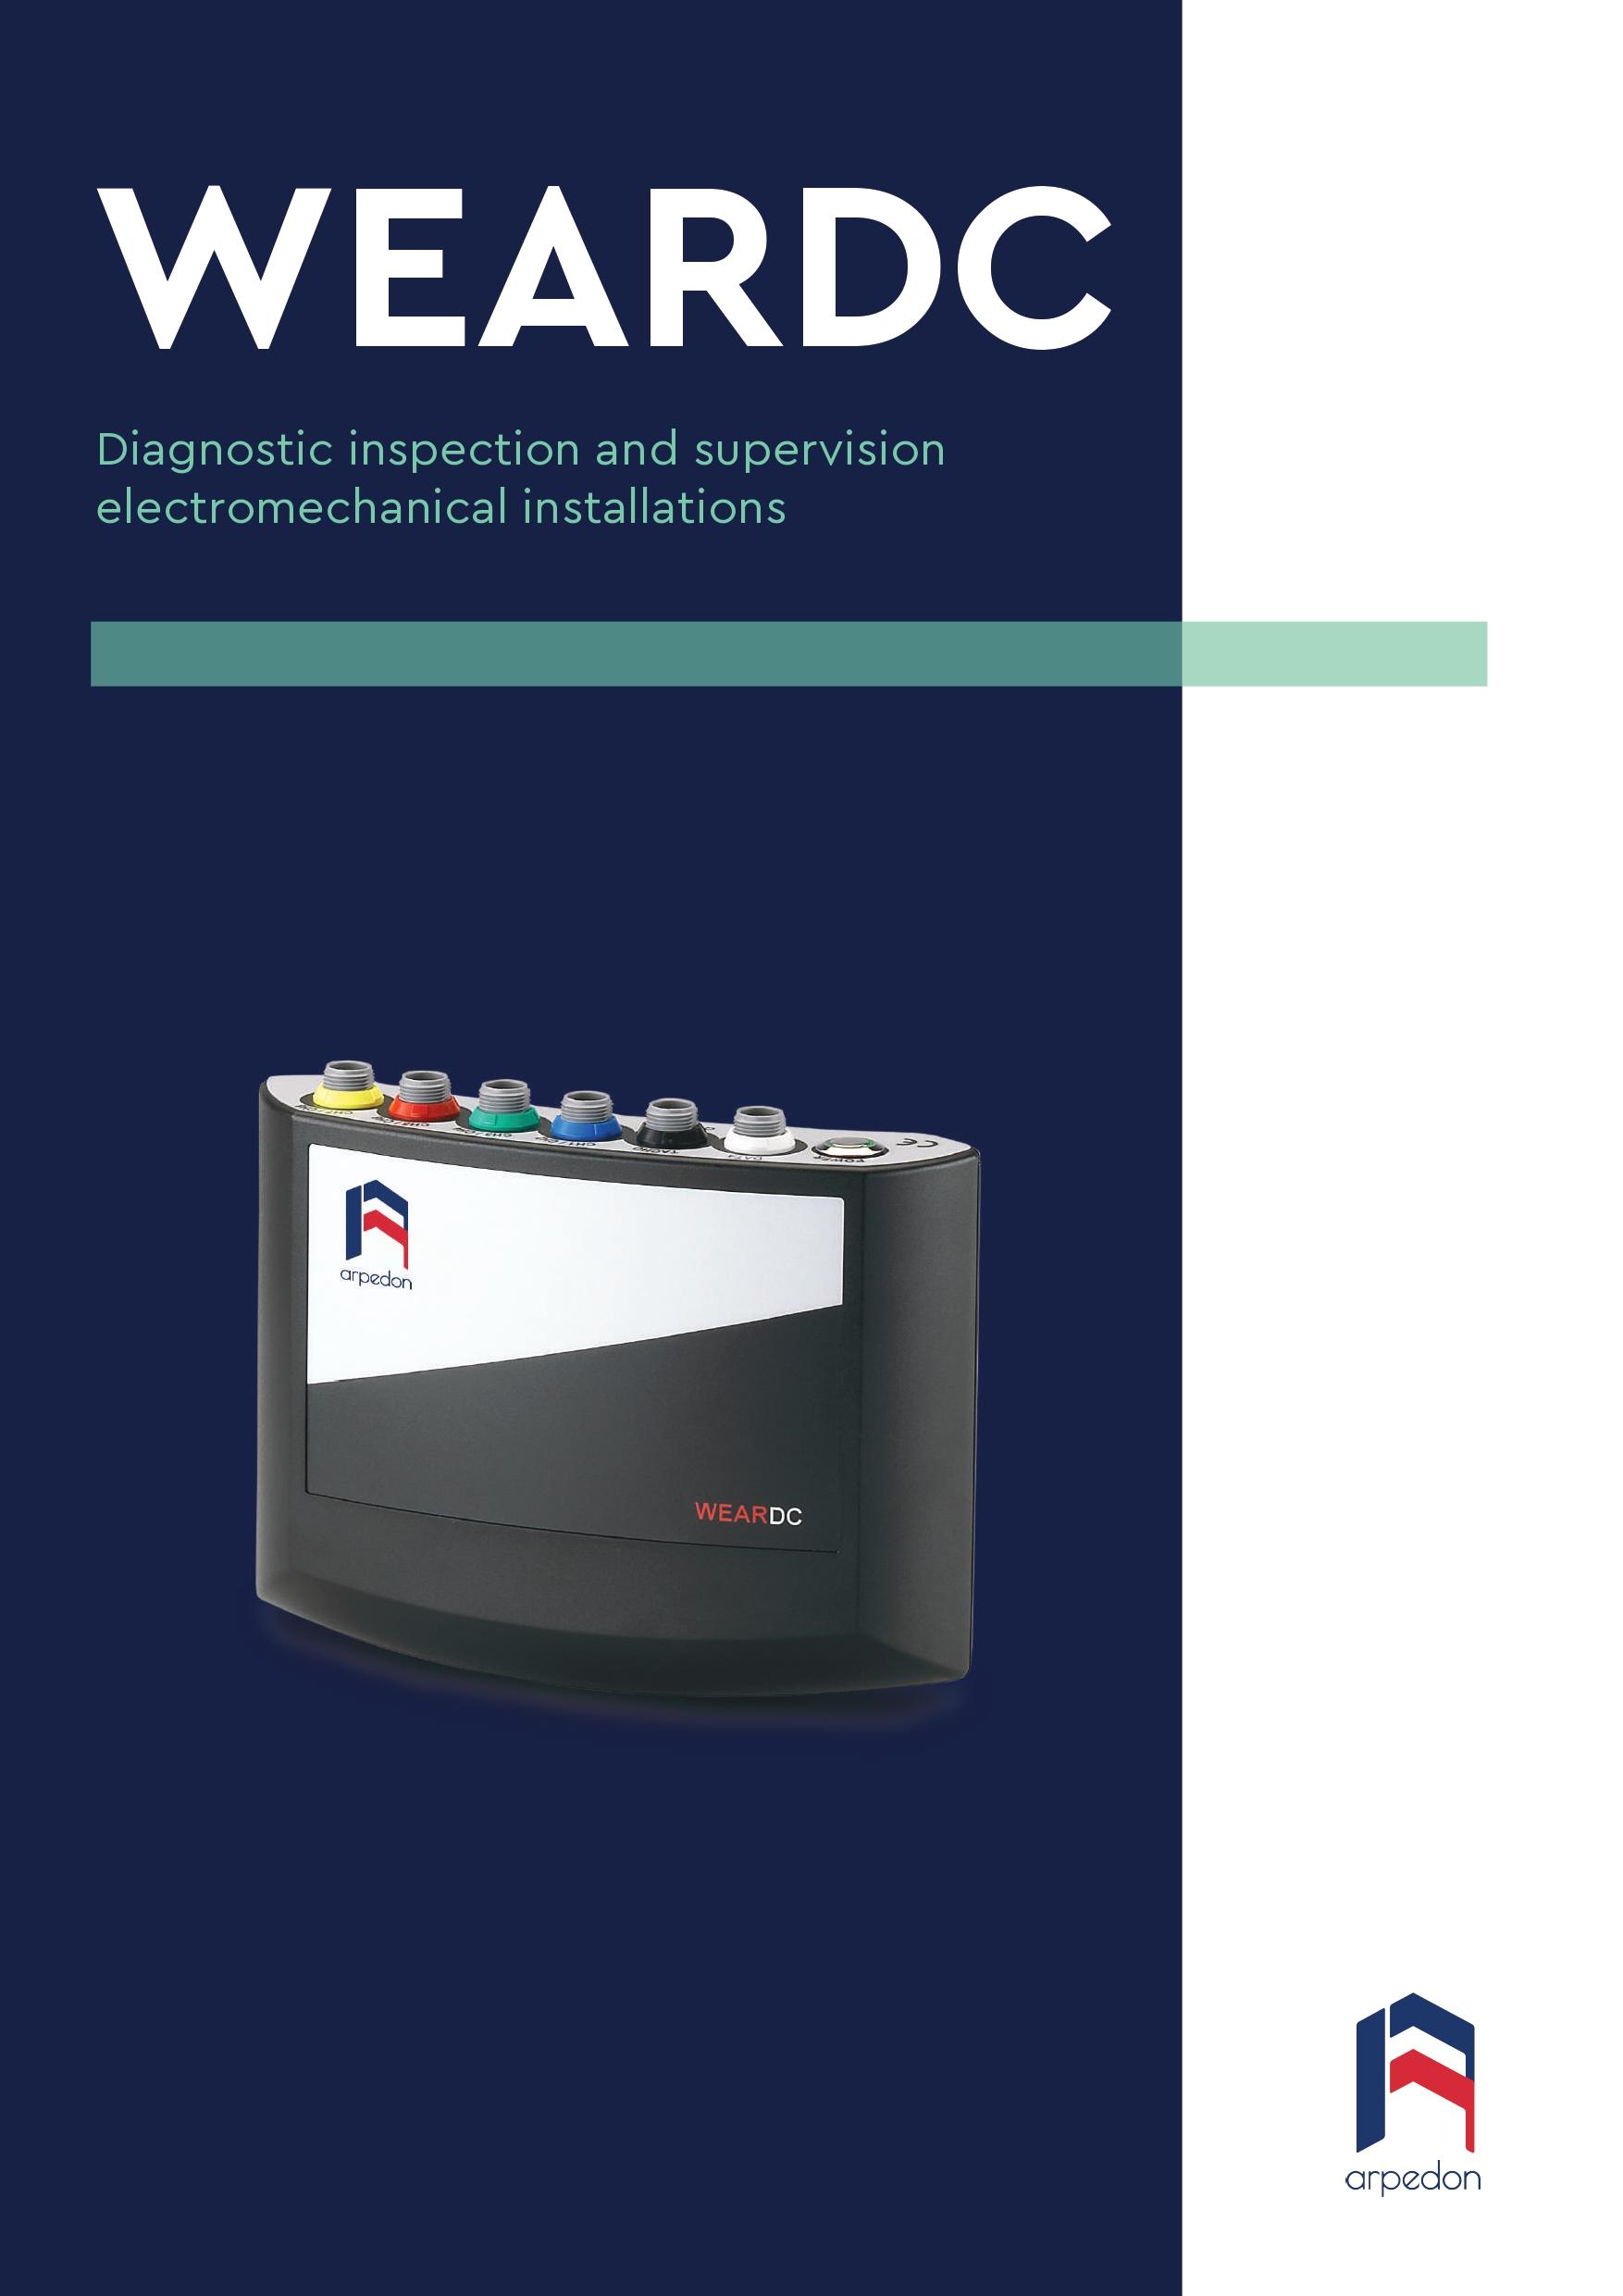 WearDC Brochure